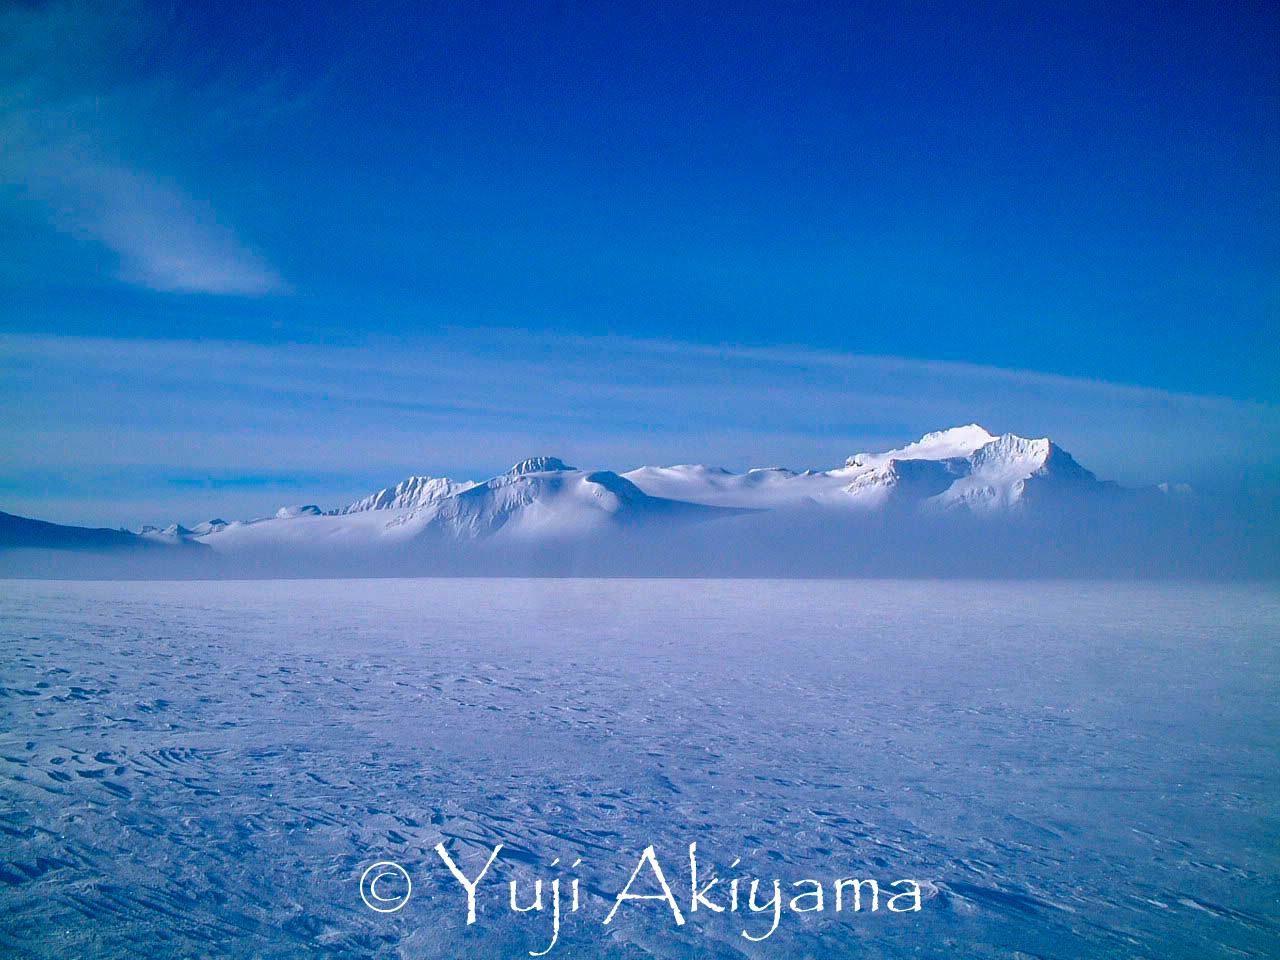 雪に覆われているのが氷原